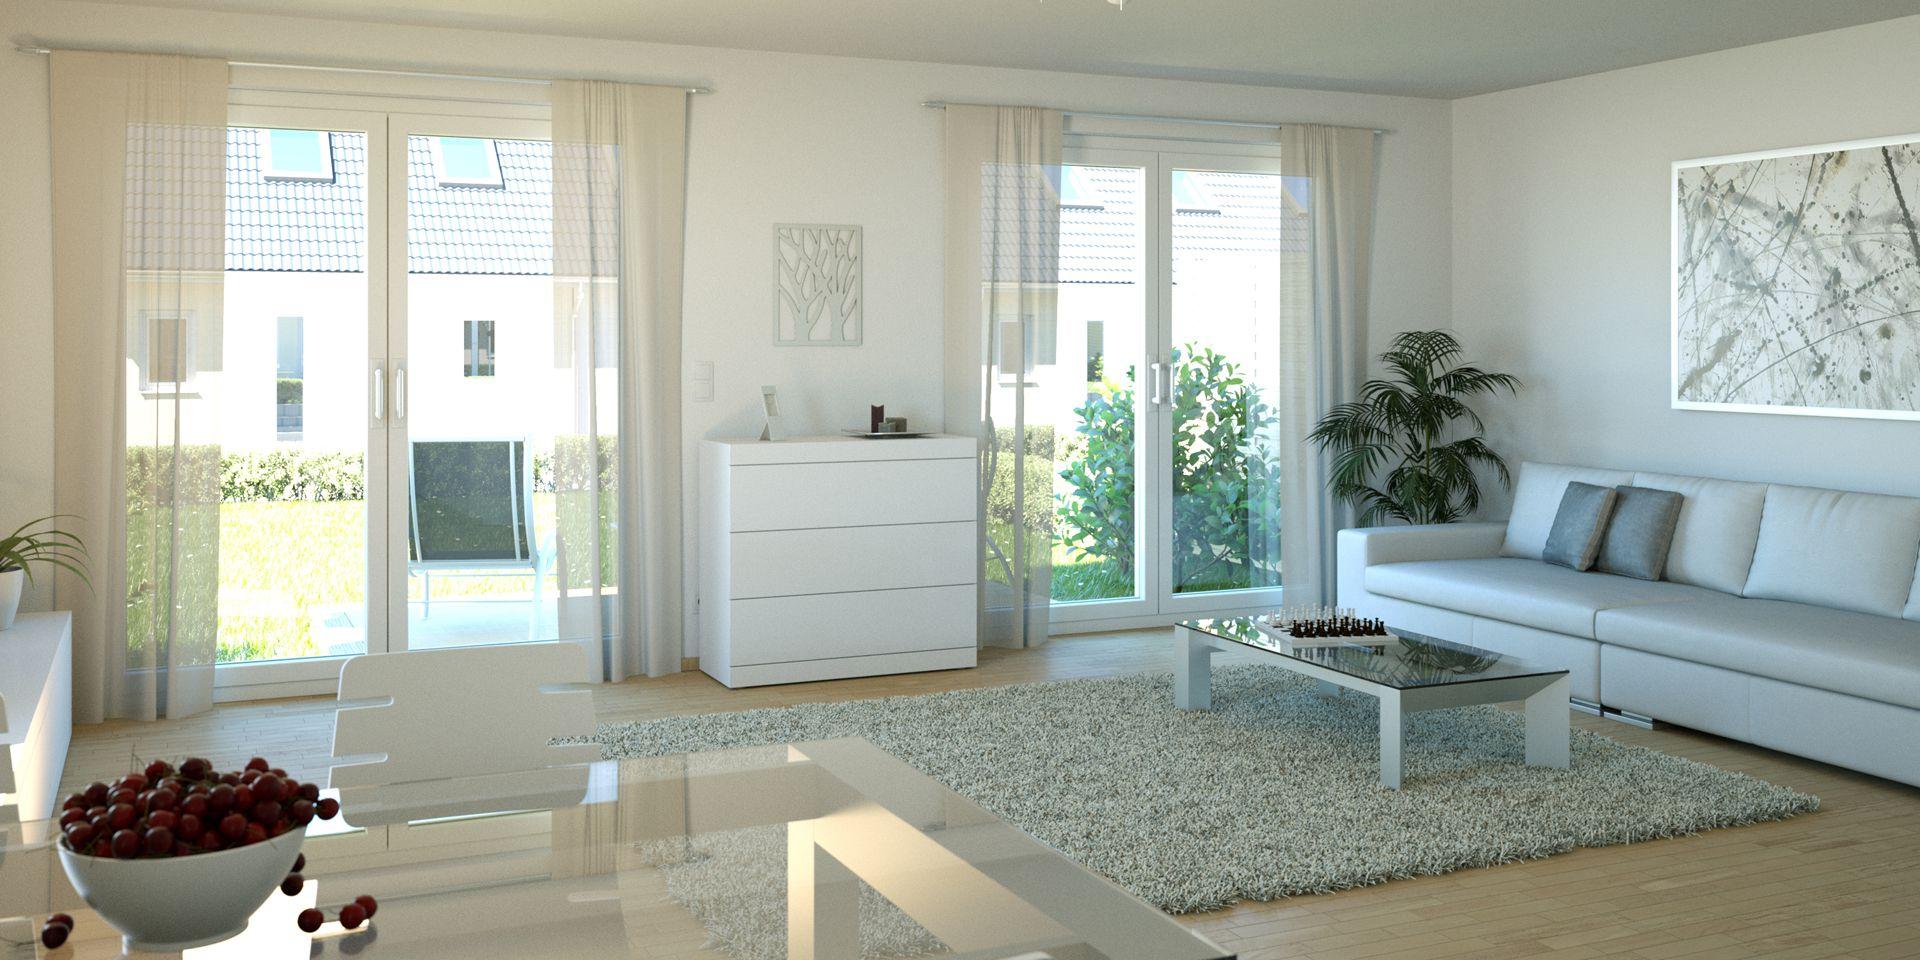 Visualisierung Reihenhaussiedlung Tarup Flensburg Wohnzimmer